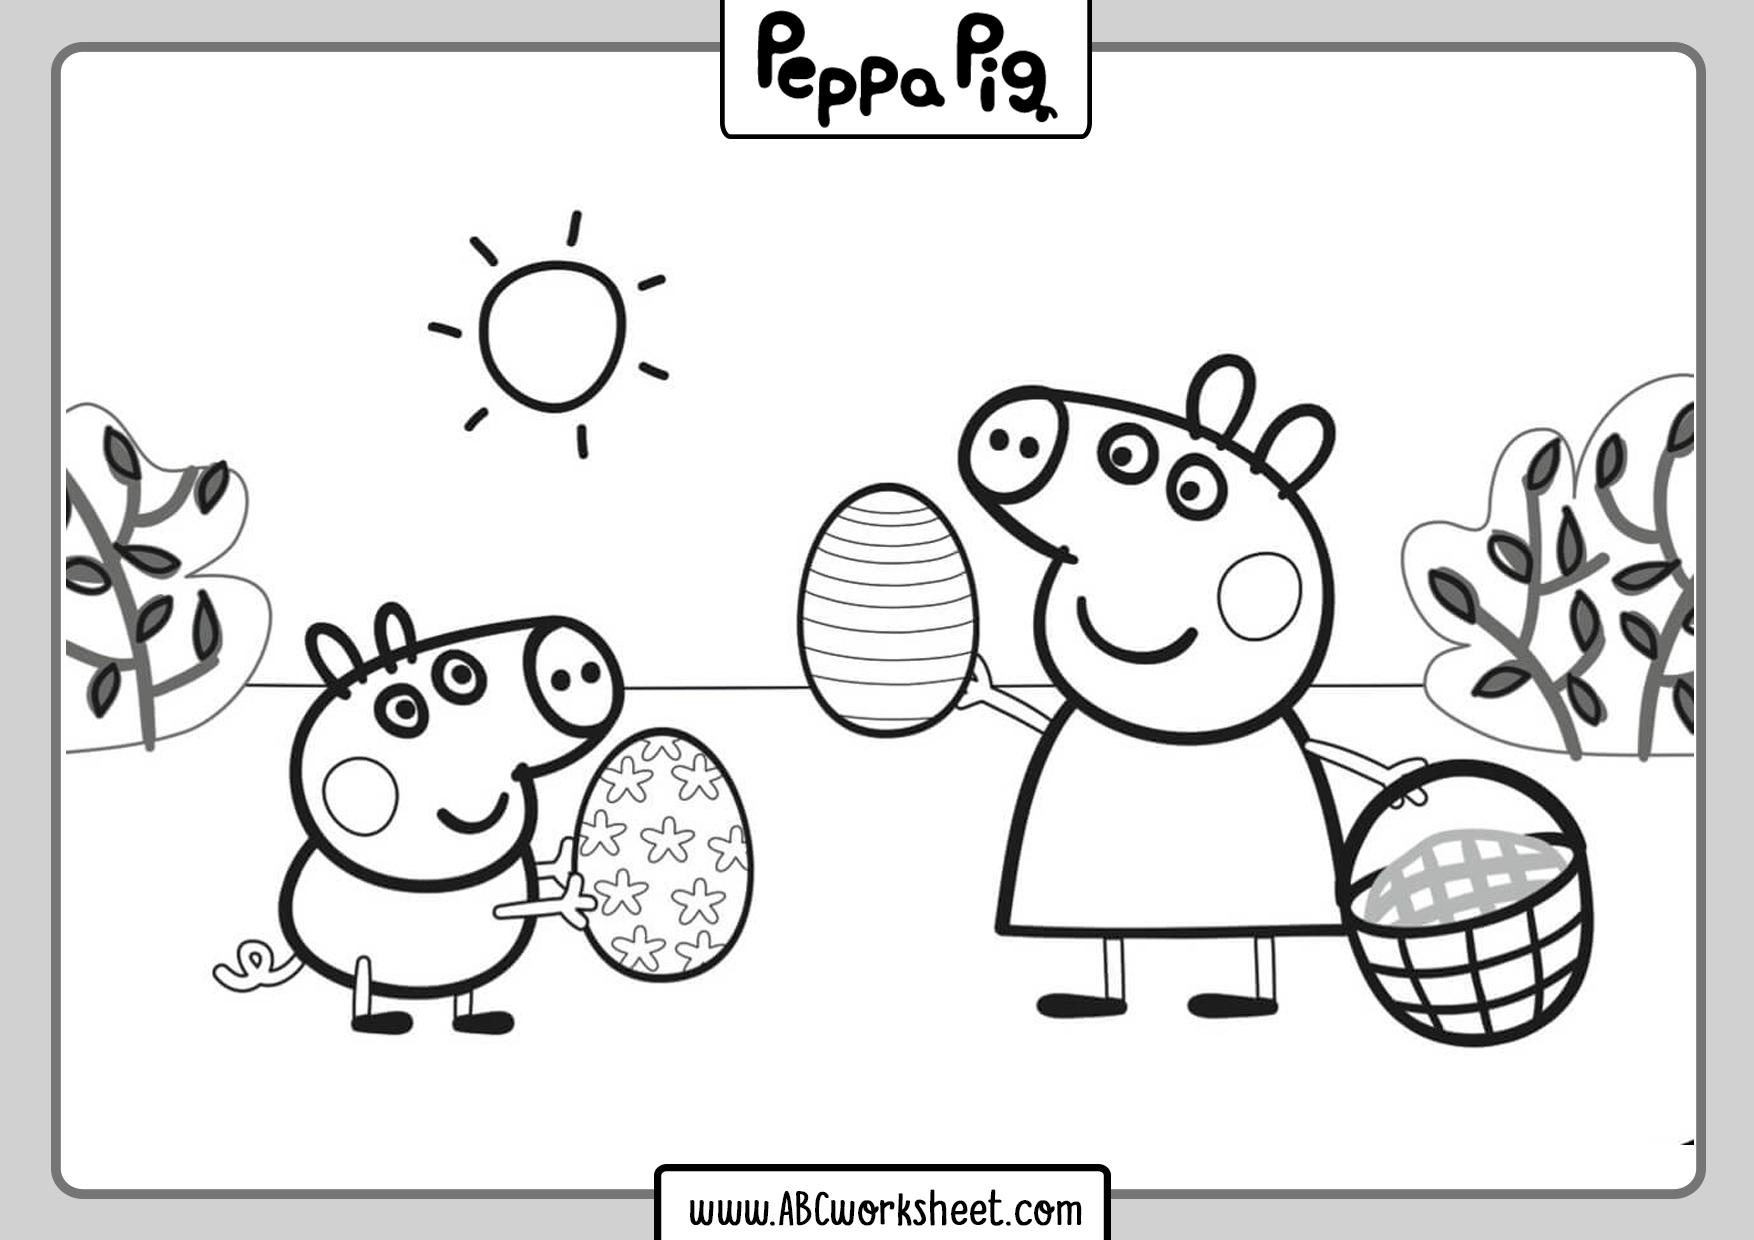 Printable Peppa Pig Coloring Sheets